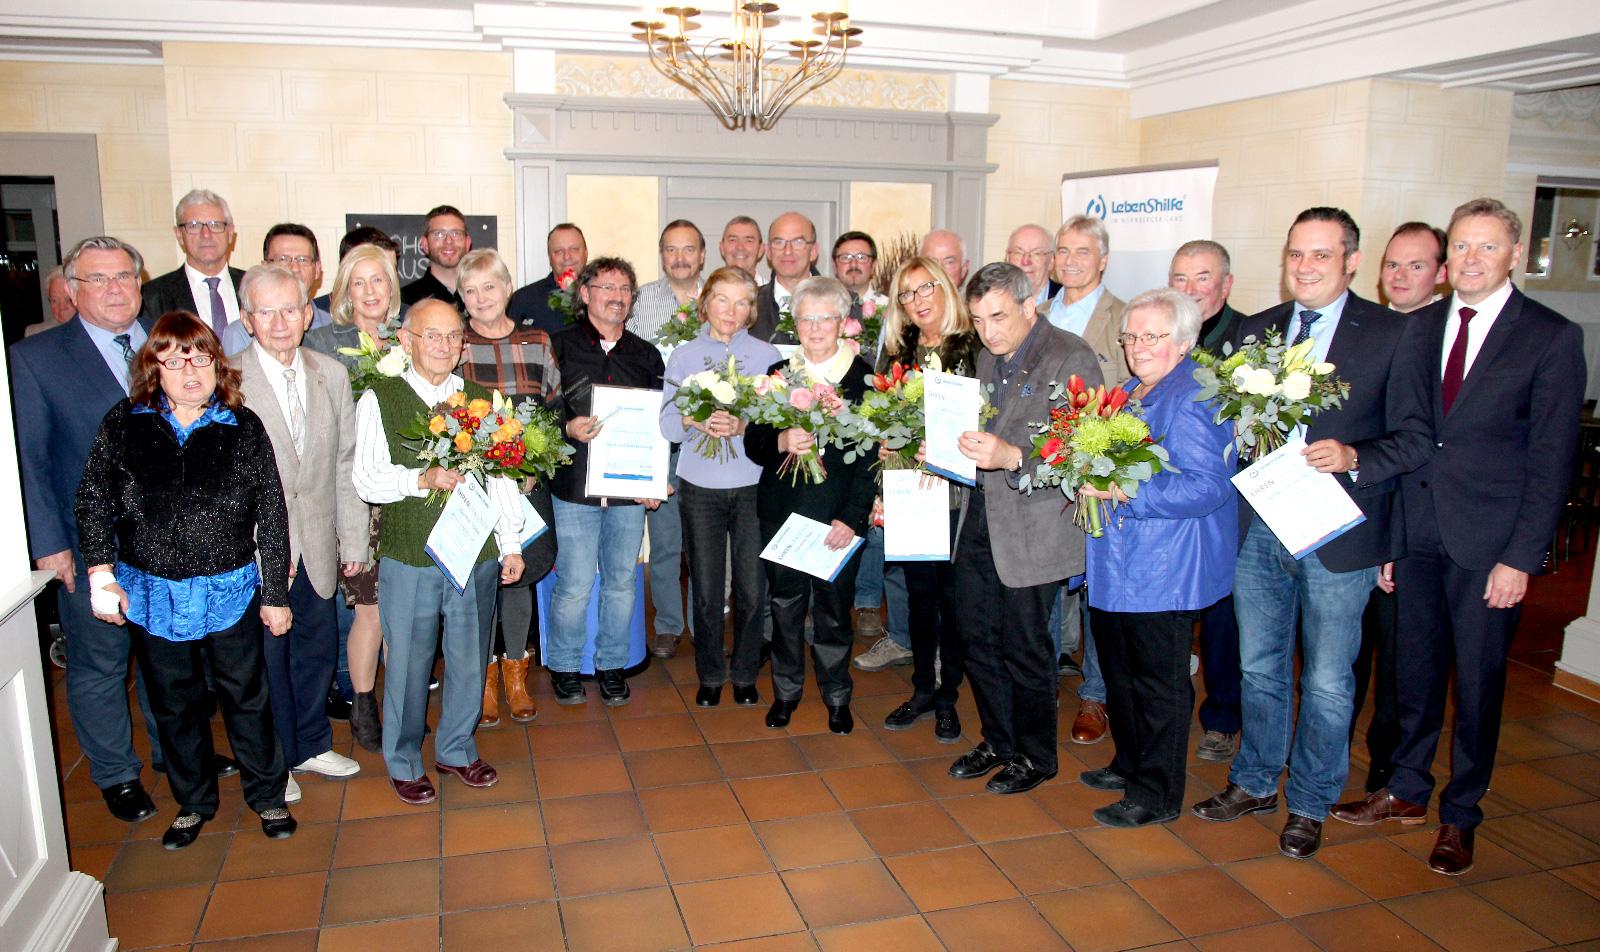 ... unser Foto zeigt langjährige Mitglieder der Lebenshilfe Nürnberger Land, die im Rahmen der Jahreshauptversammlung für ihre Treue geehrt wurden – mit Vorstand und Geschäftsleitung.